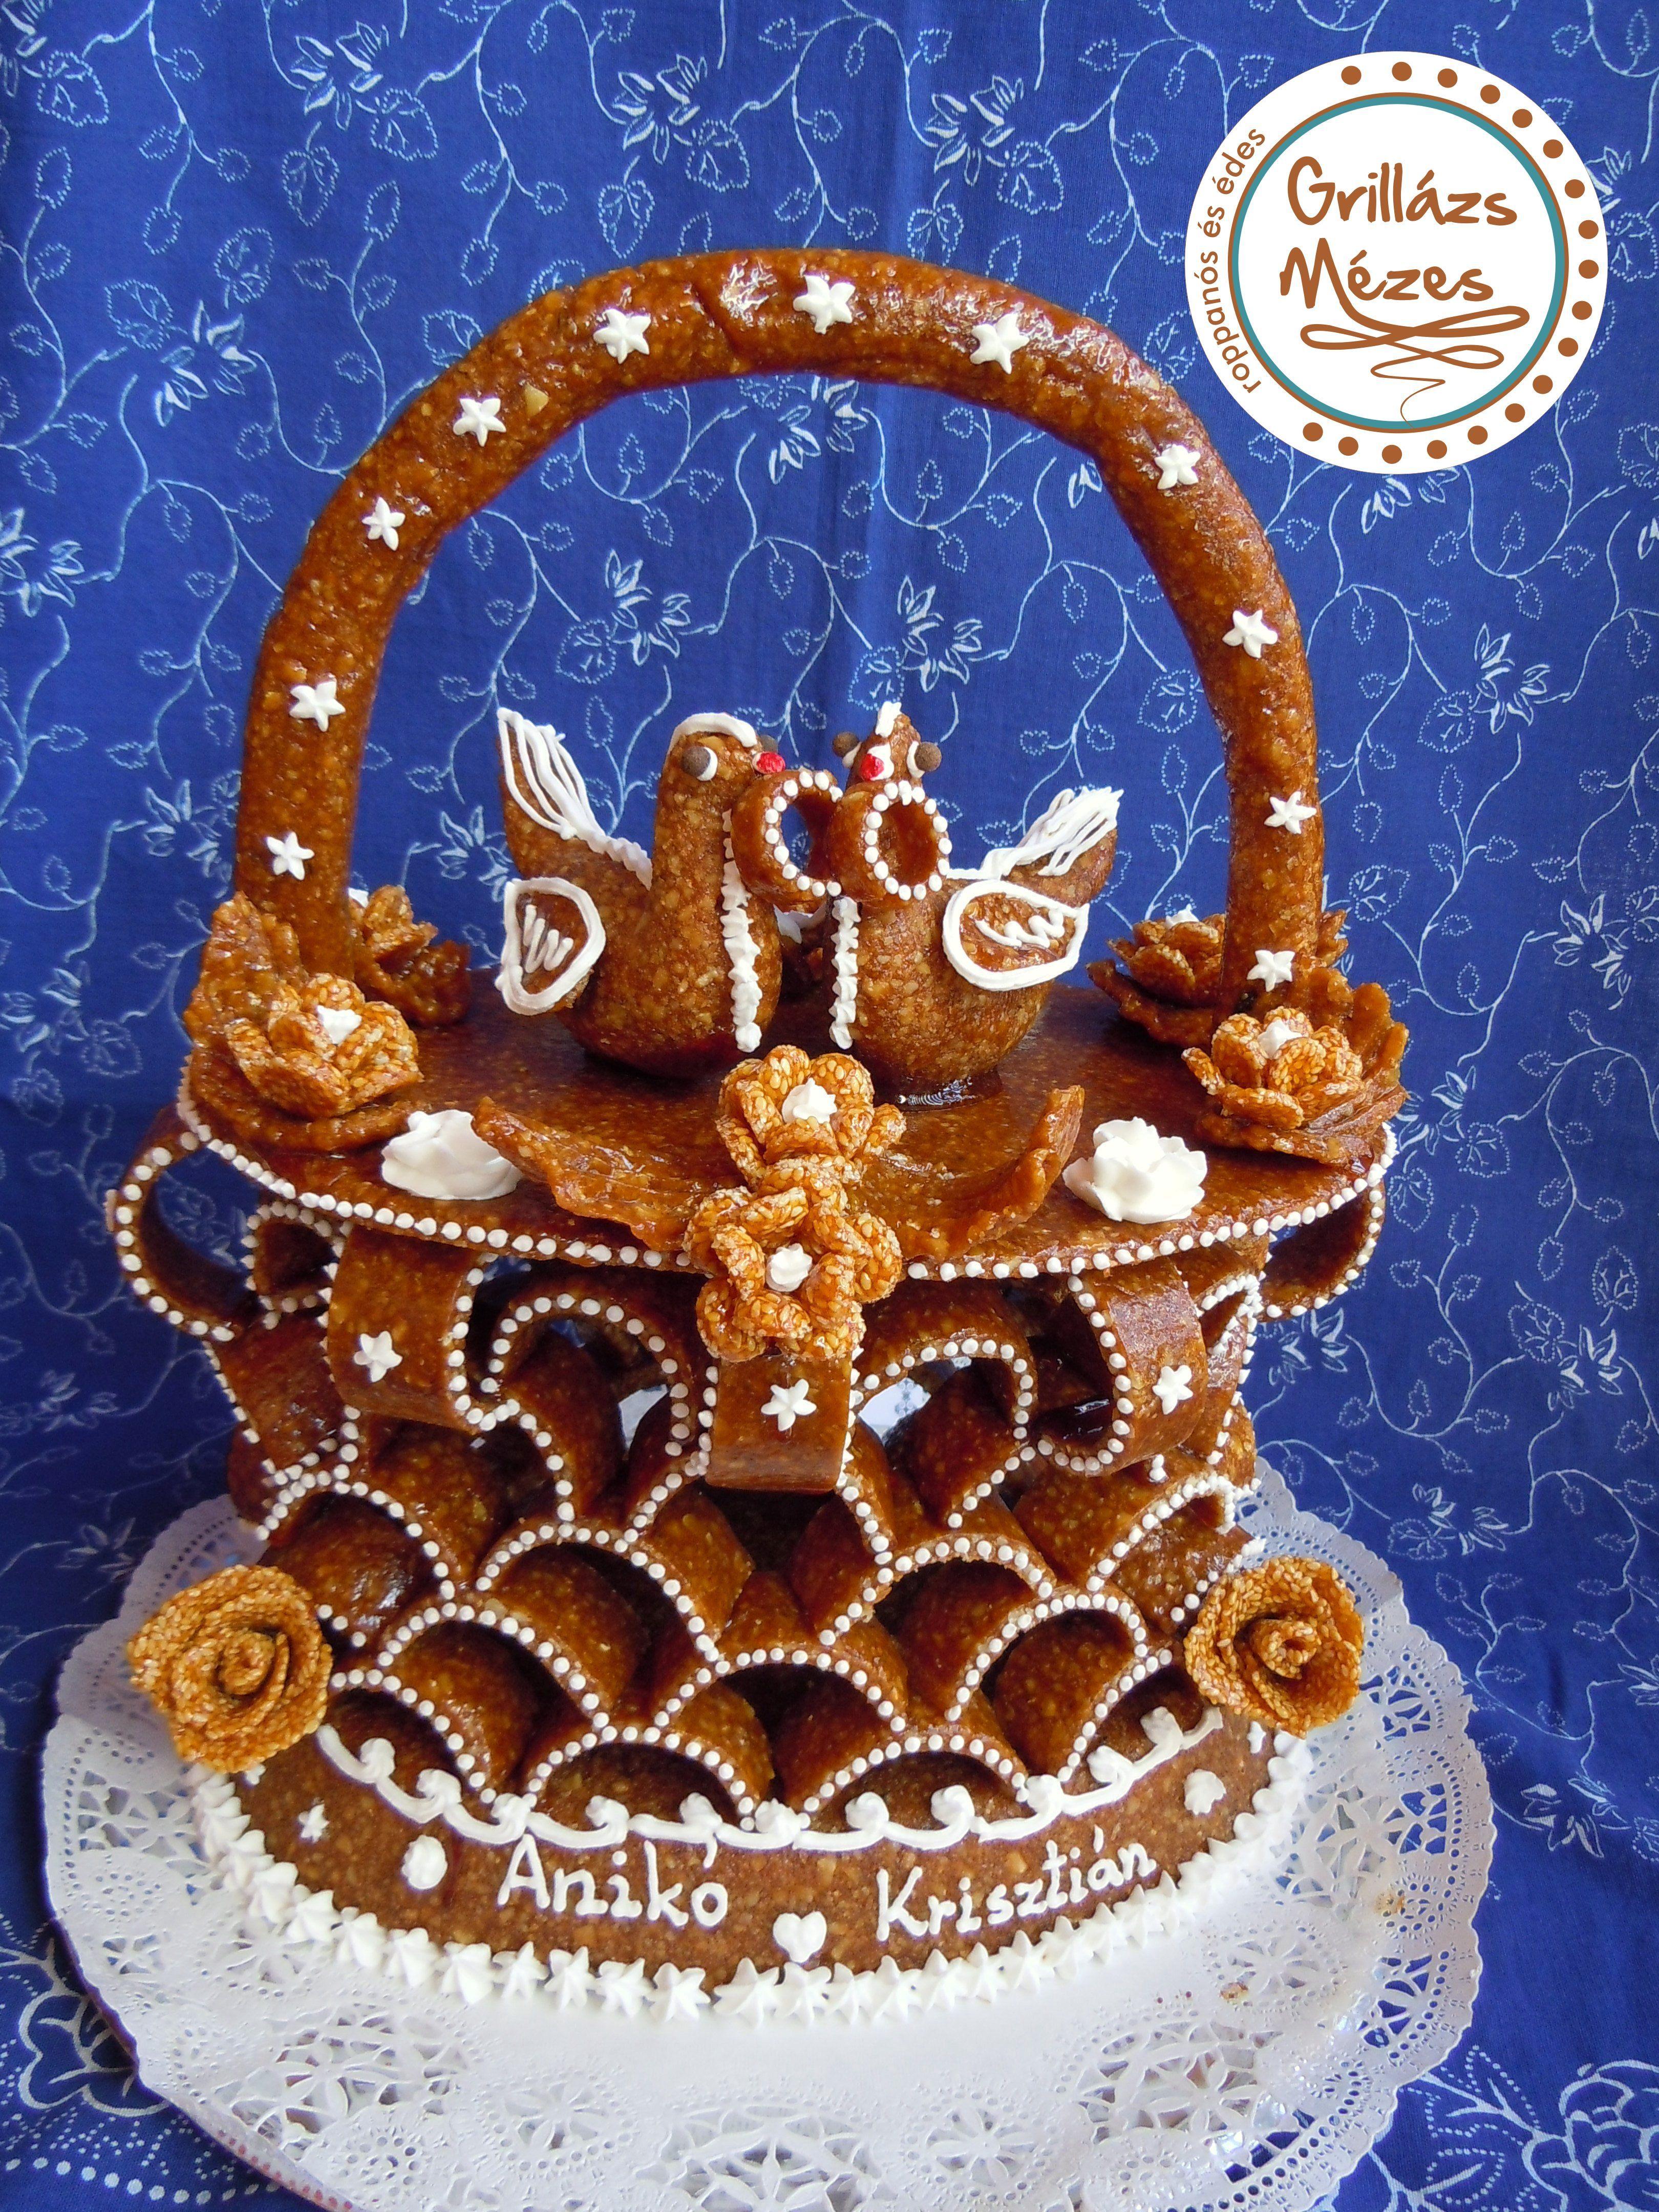 Teknos galambot eszik 96 - Gingerbread